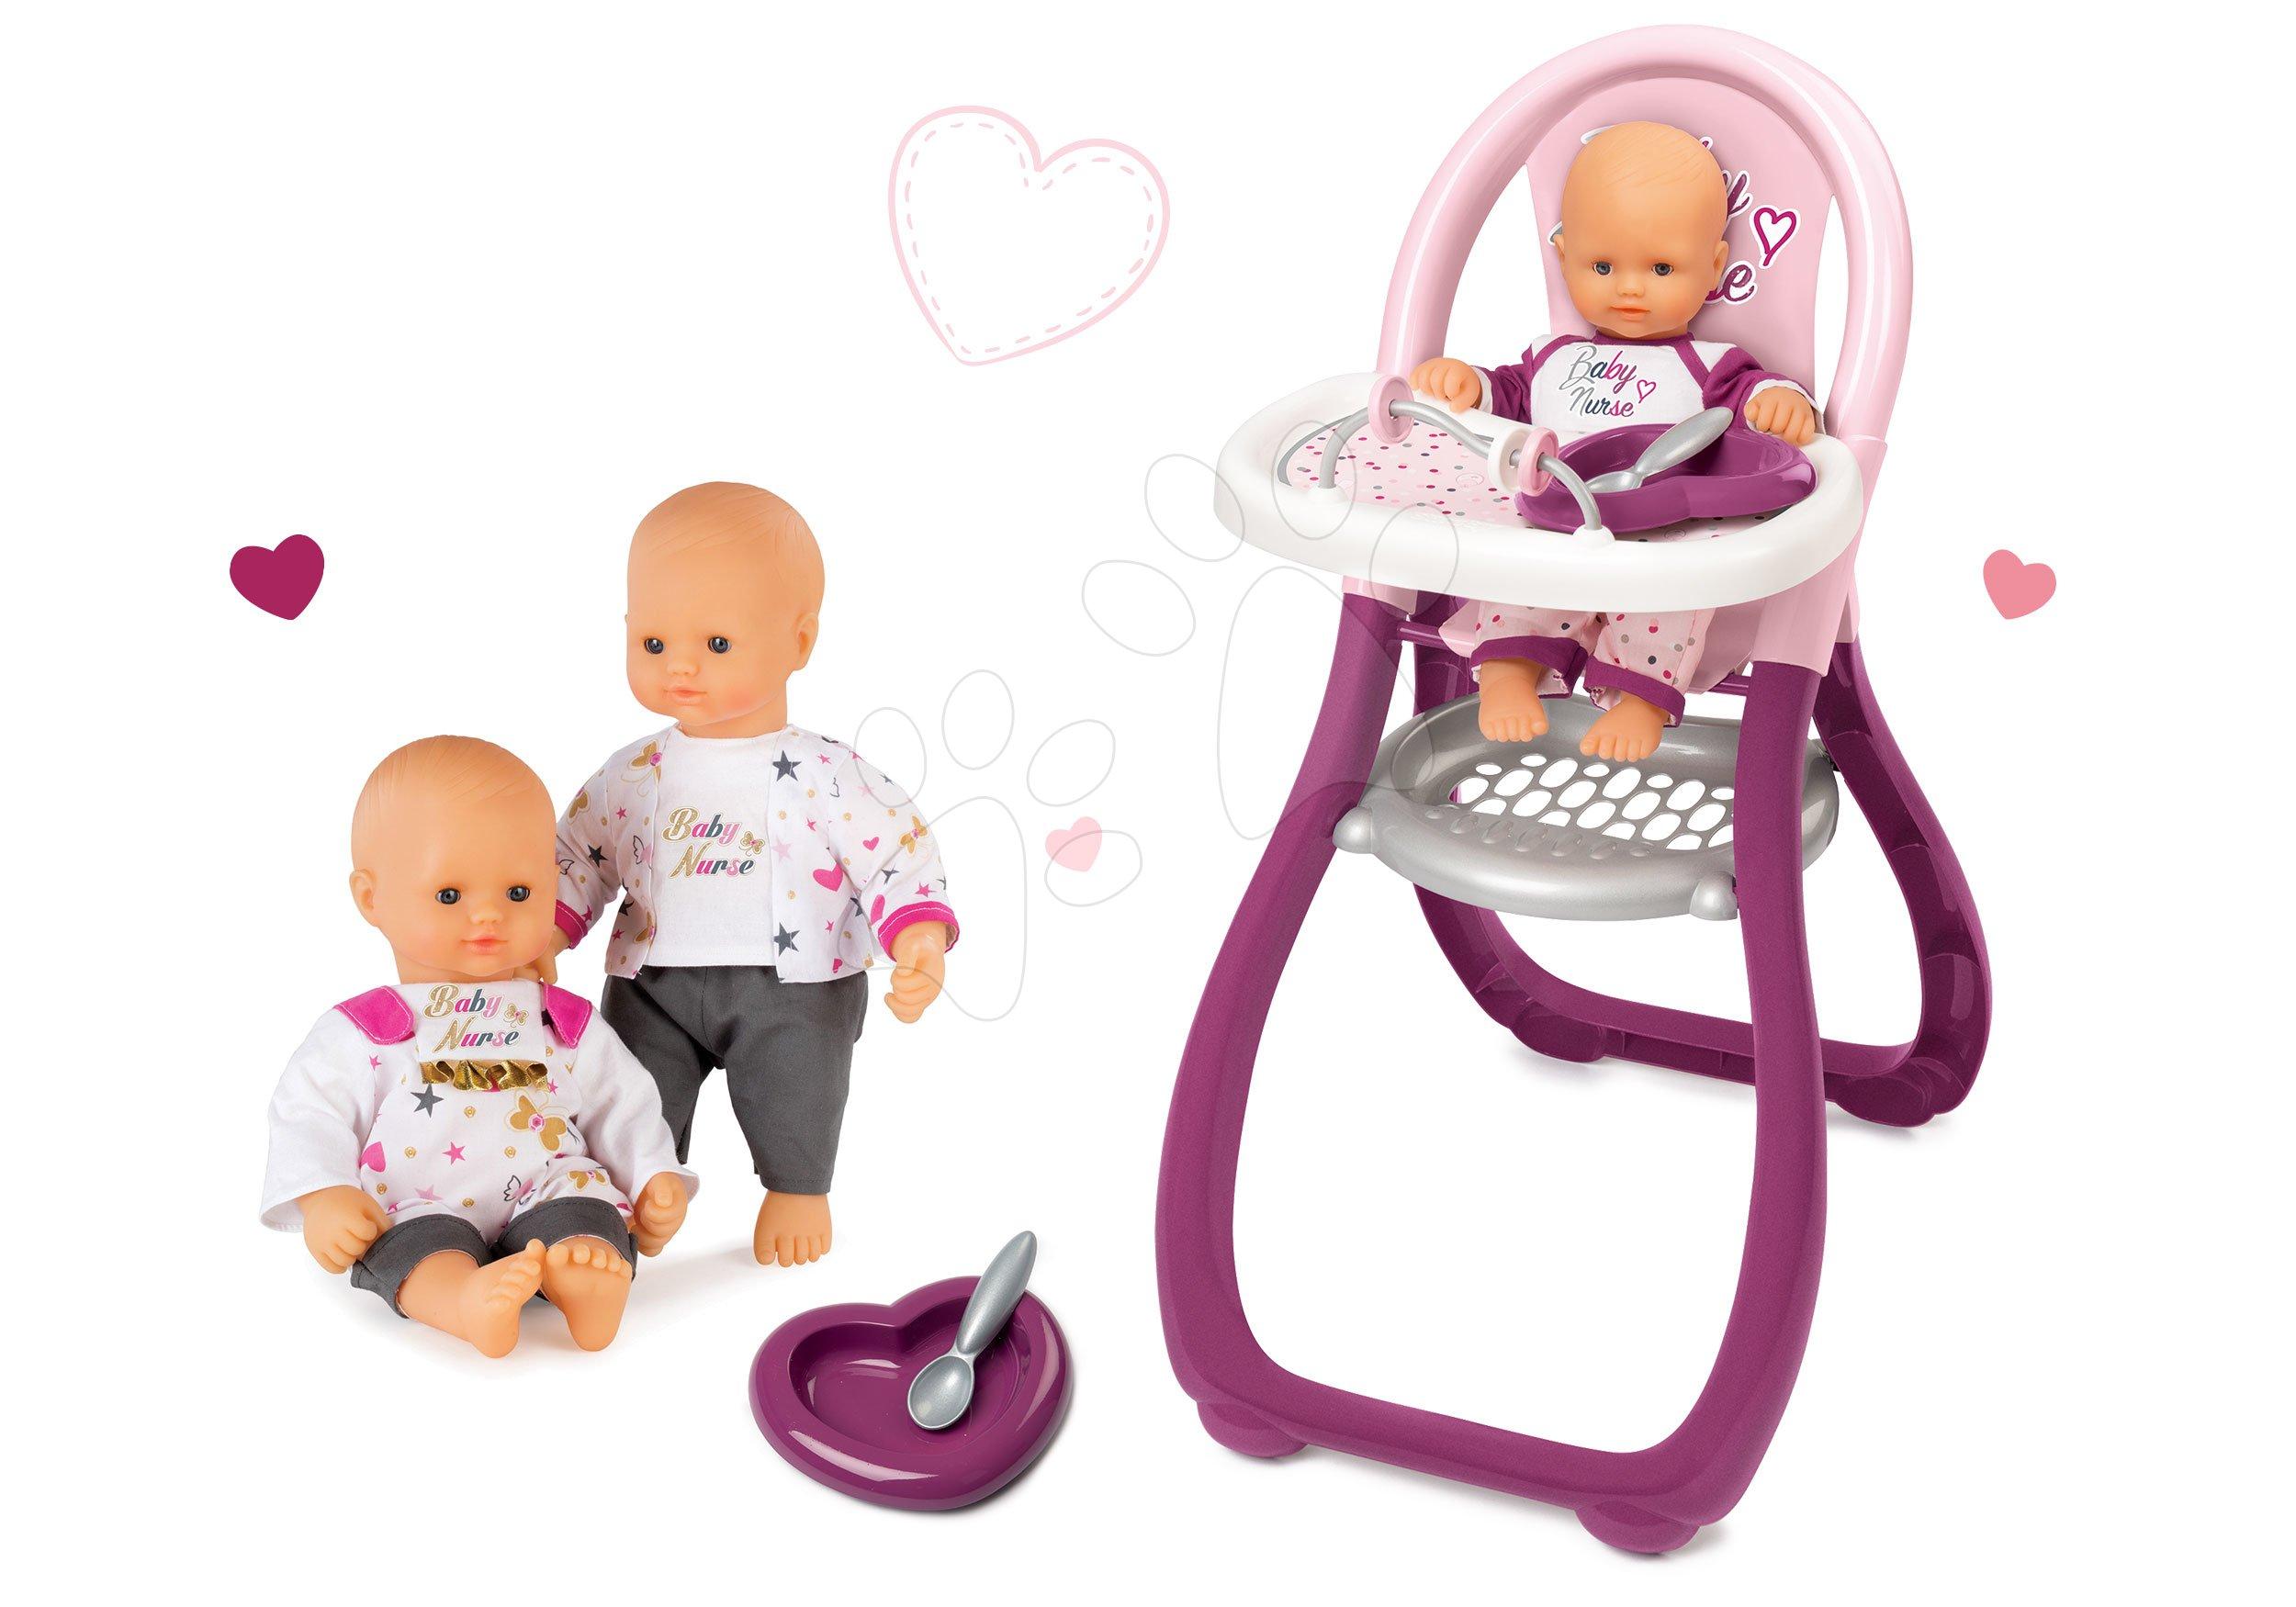 Set panenka Baby Nurse Zlatá edice Smoby 32 cm a jídelní židle pro panenku od 24 měsíců